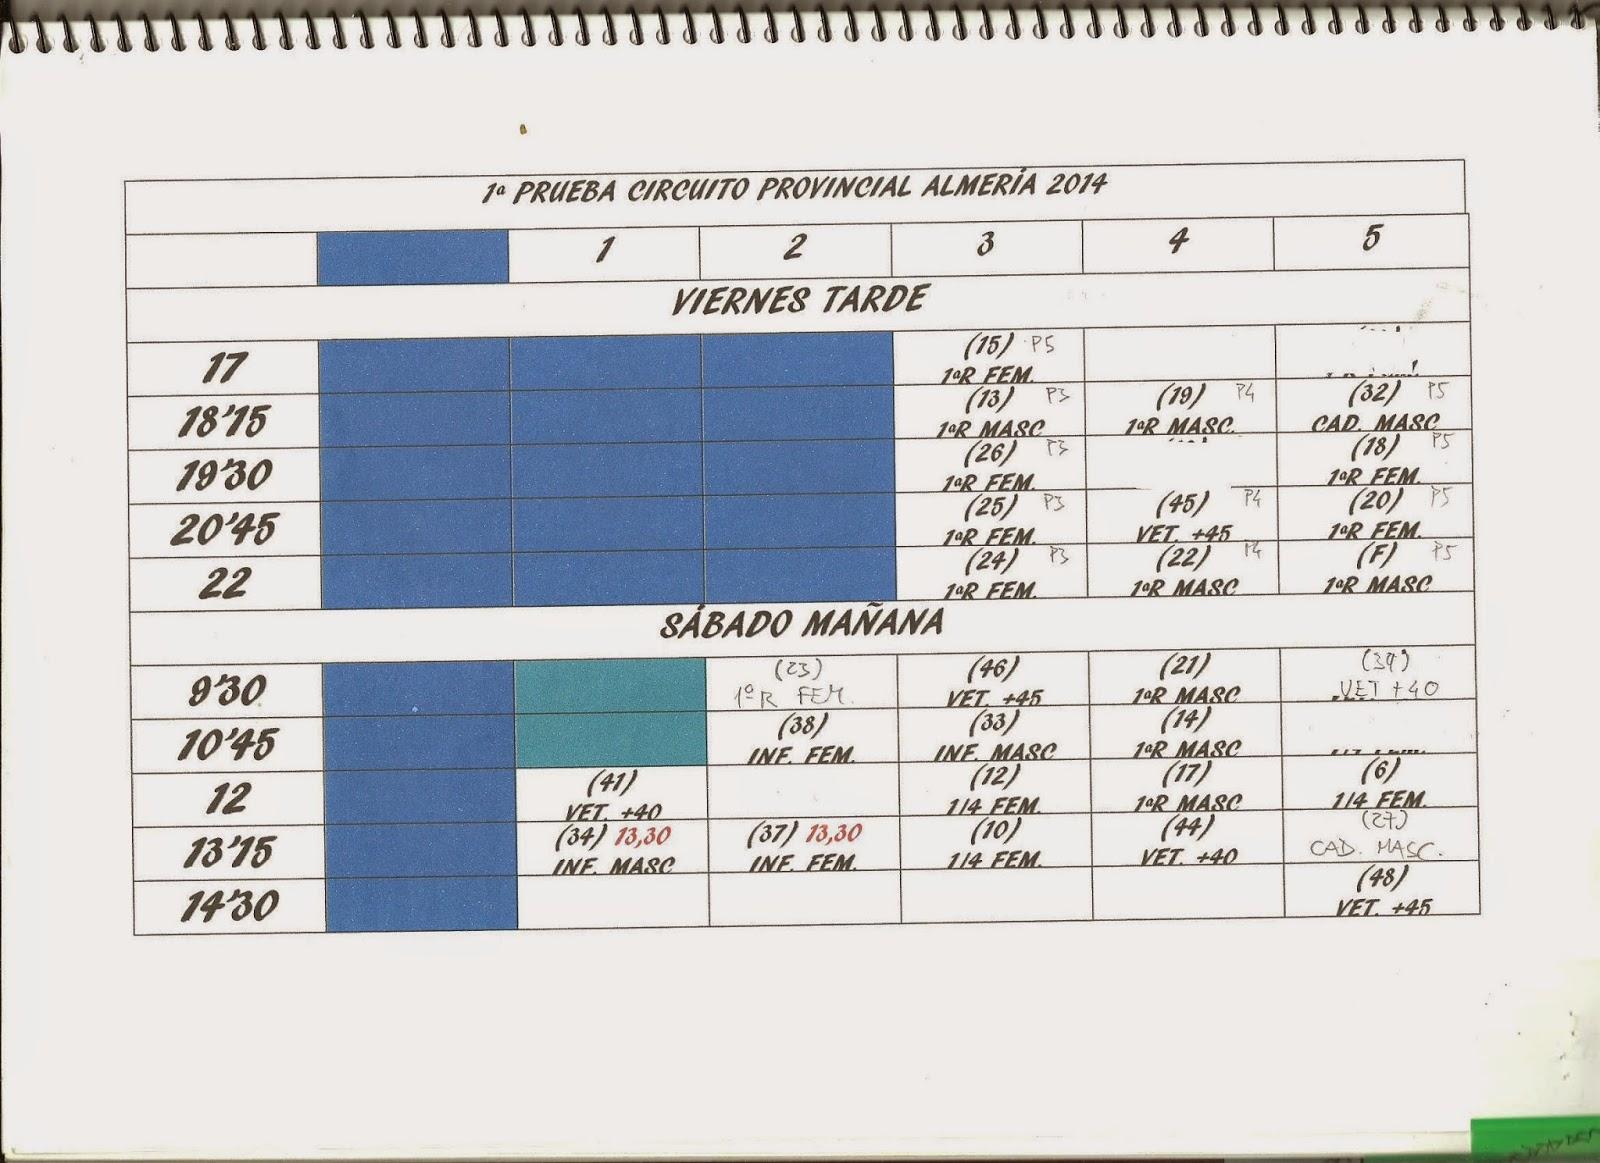 Imagen del cuadrante de partidos por jornadas de la 1ª Prueba del Circuito Provincial